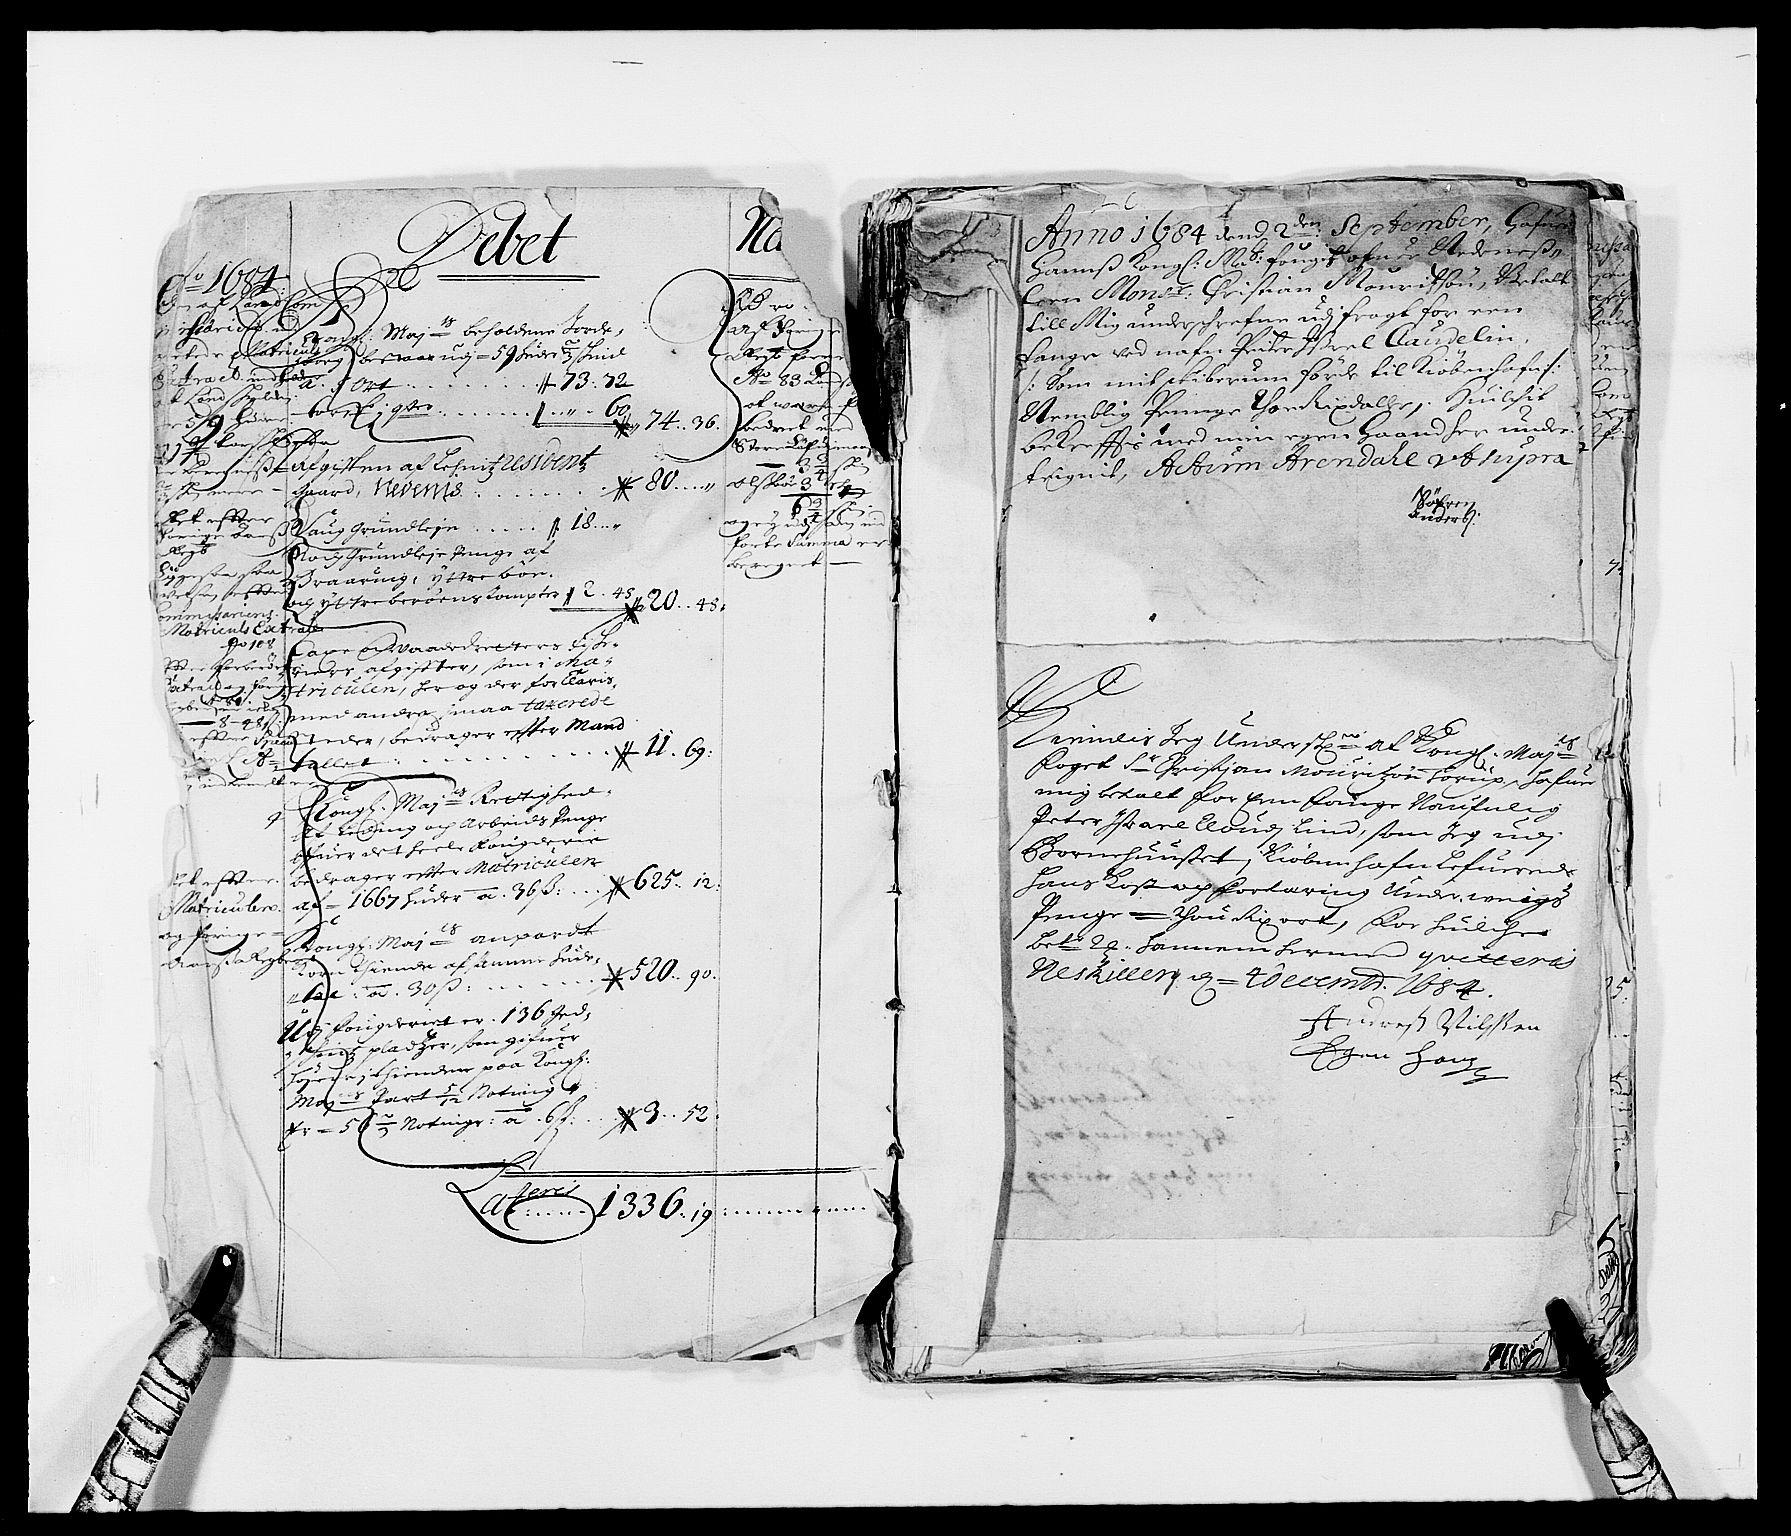 RA, Rentekammeret inntil 1814, Reviderte regnskaper, Fogderegnskap, R39/L2307: Fogderegnskap Nedenes, 1684-1689, s. 3